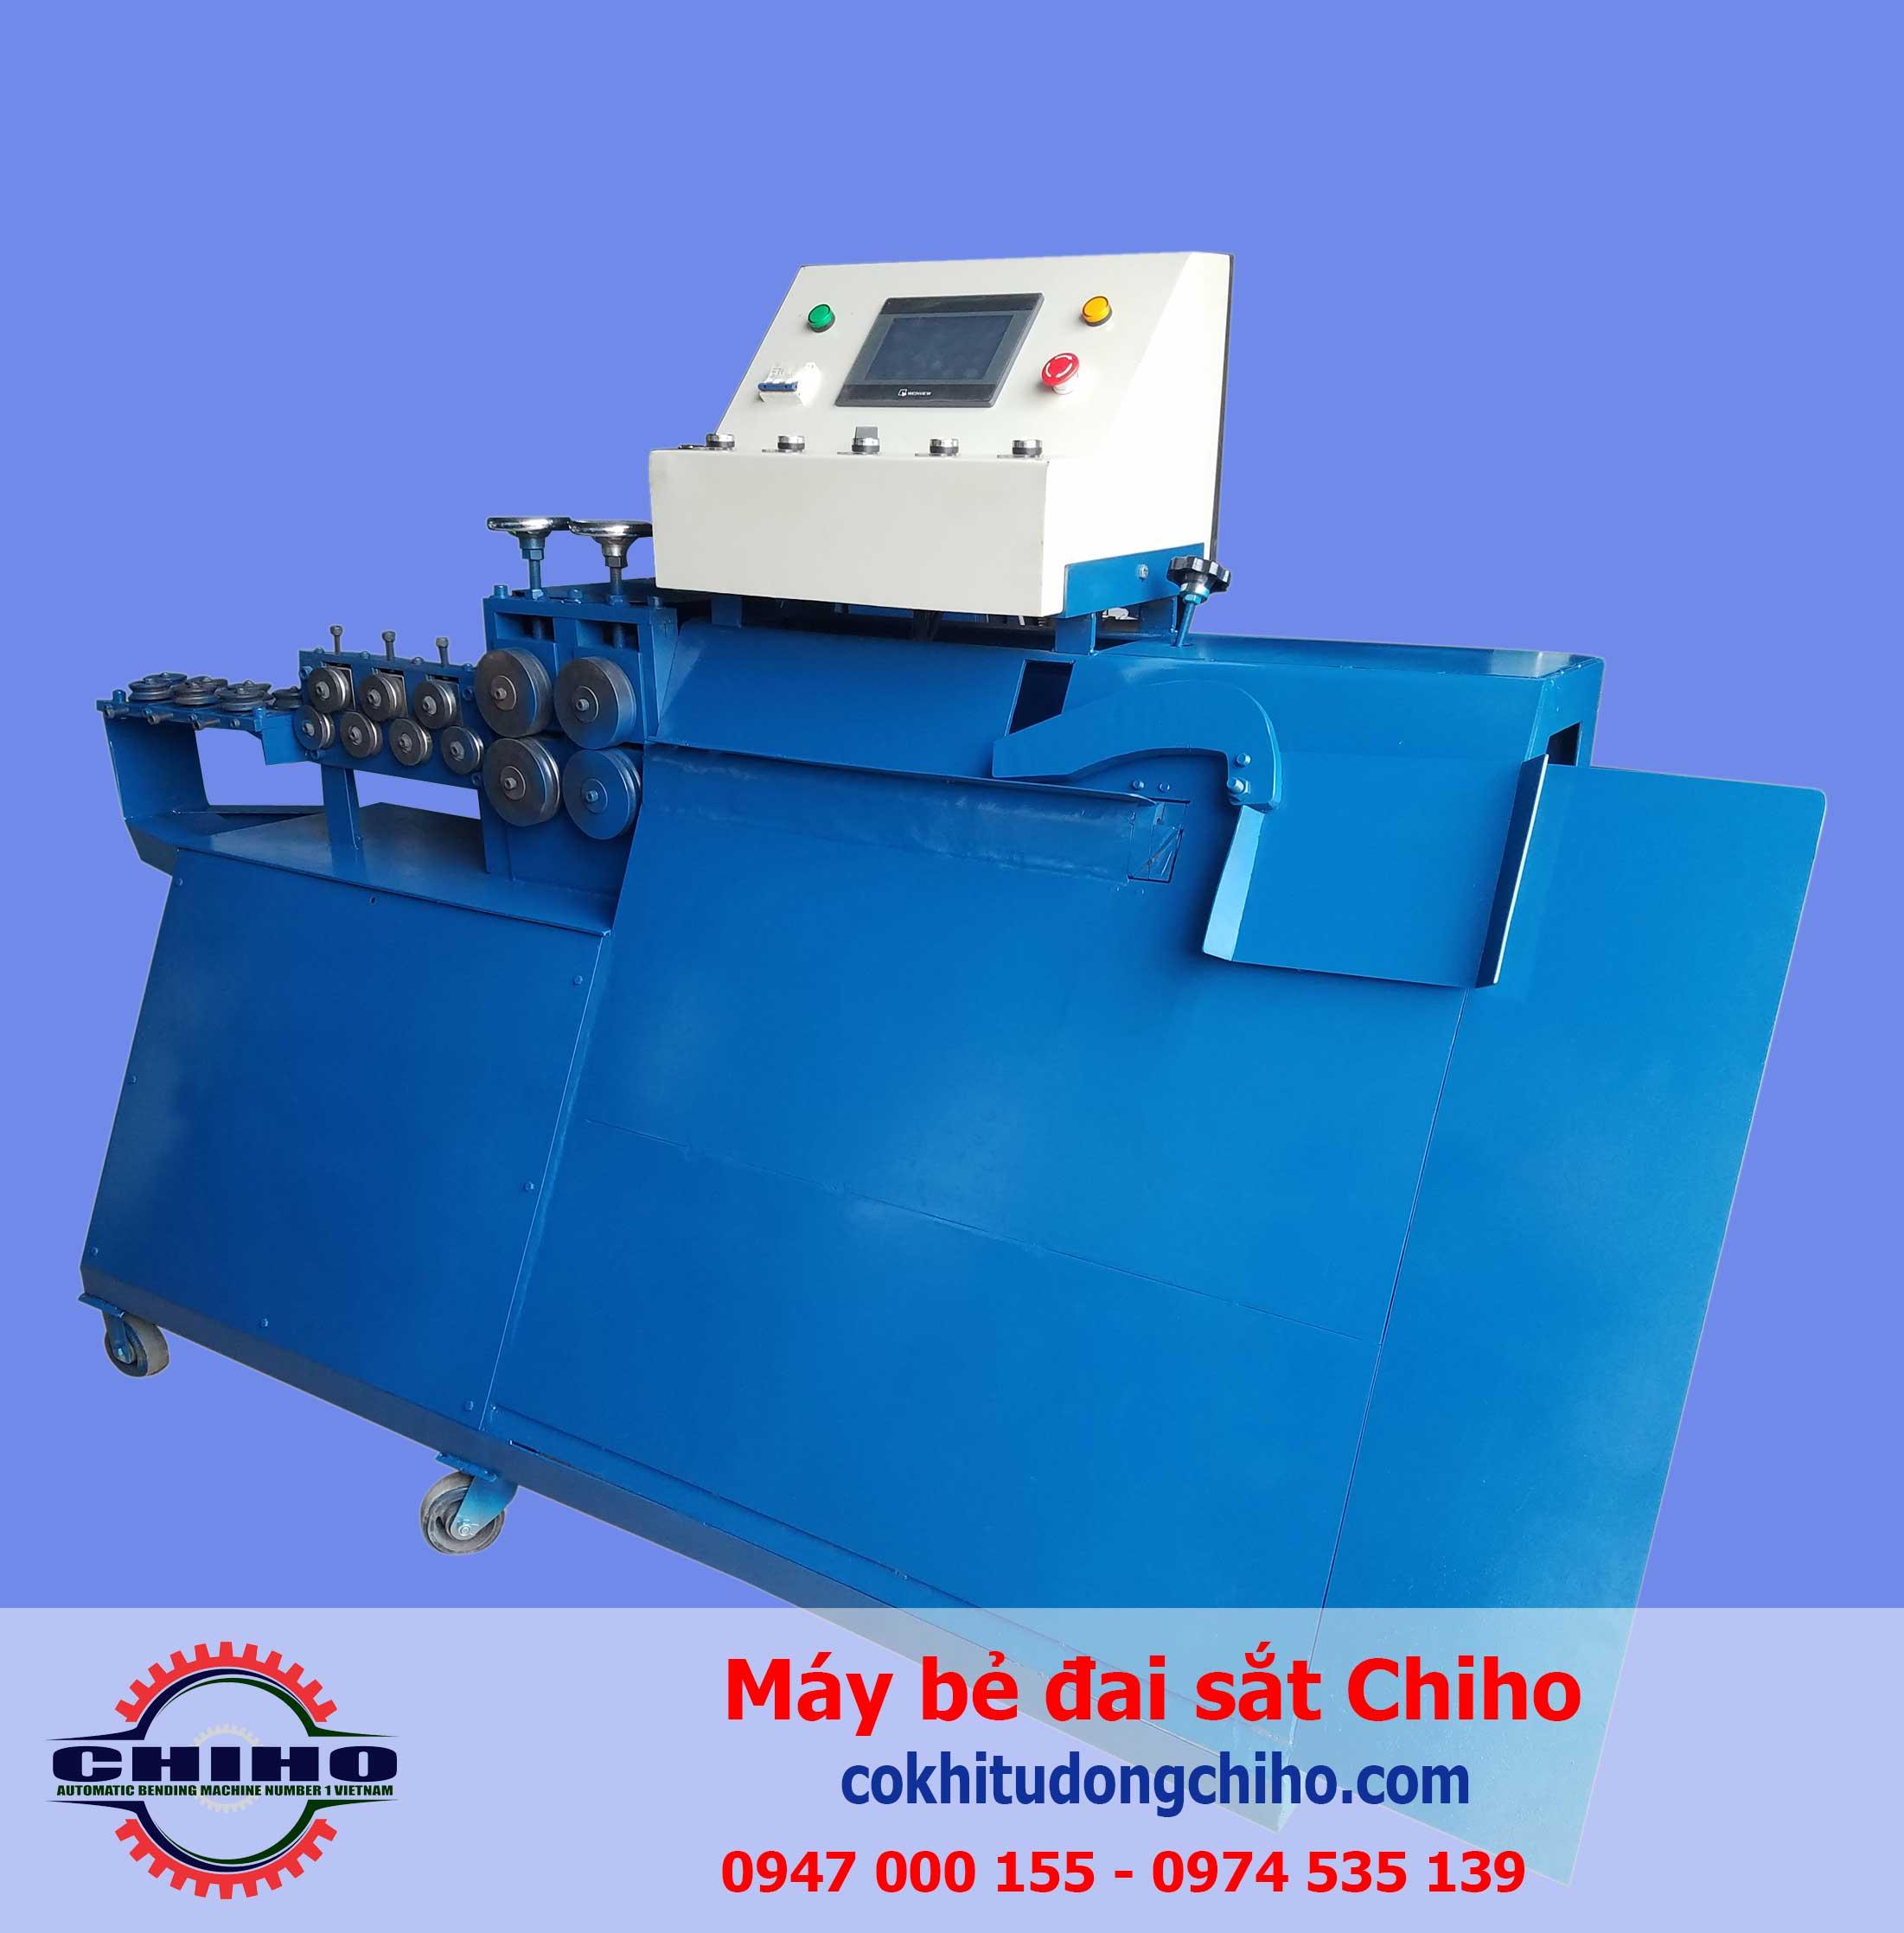 máy bẻ đai sắt xây dựng Chiho